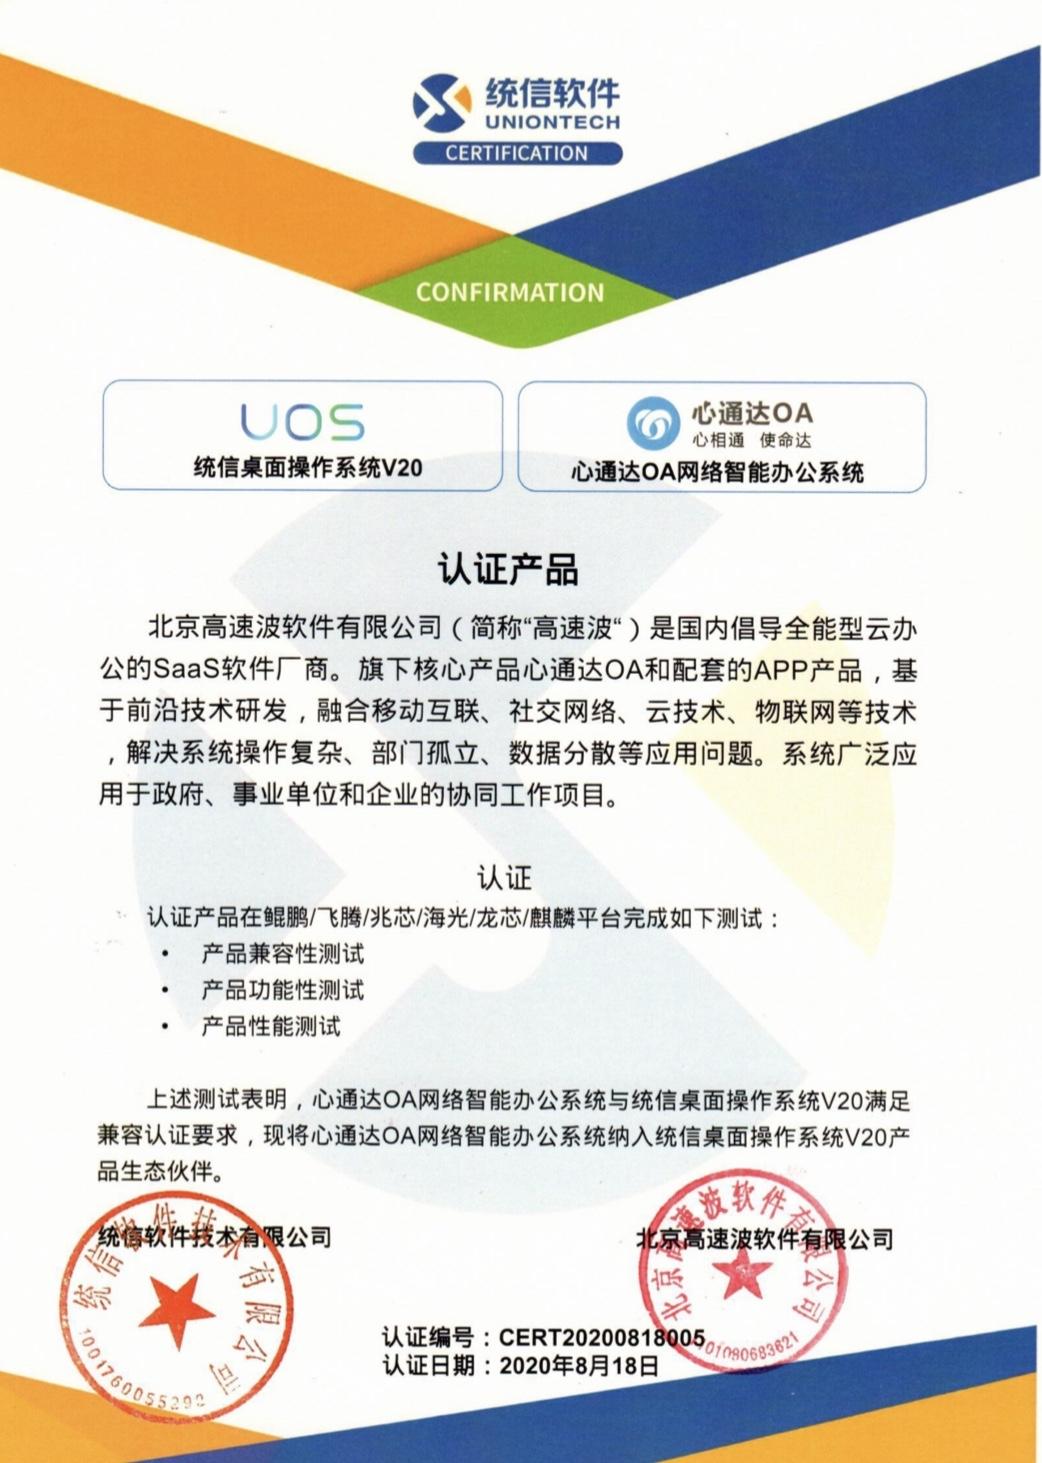 部分信创产品兼容认证资质